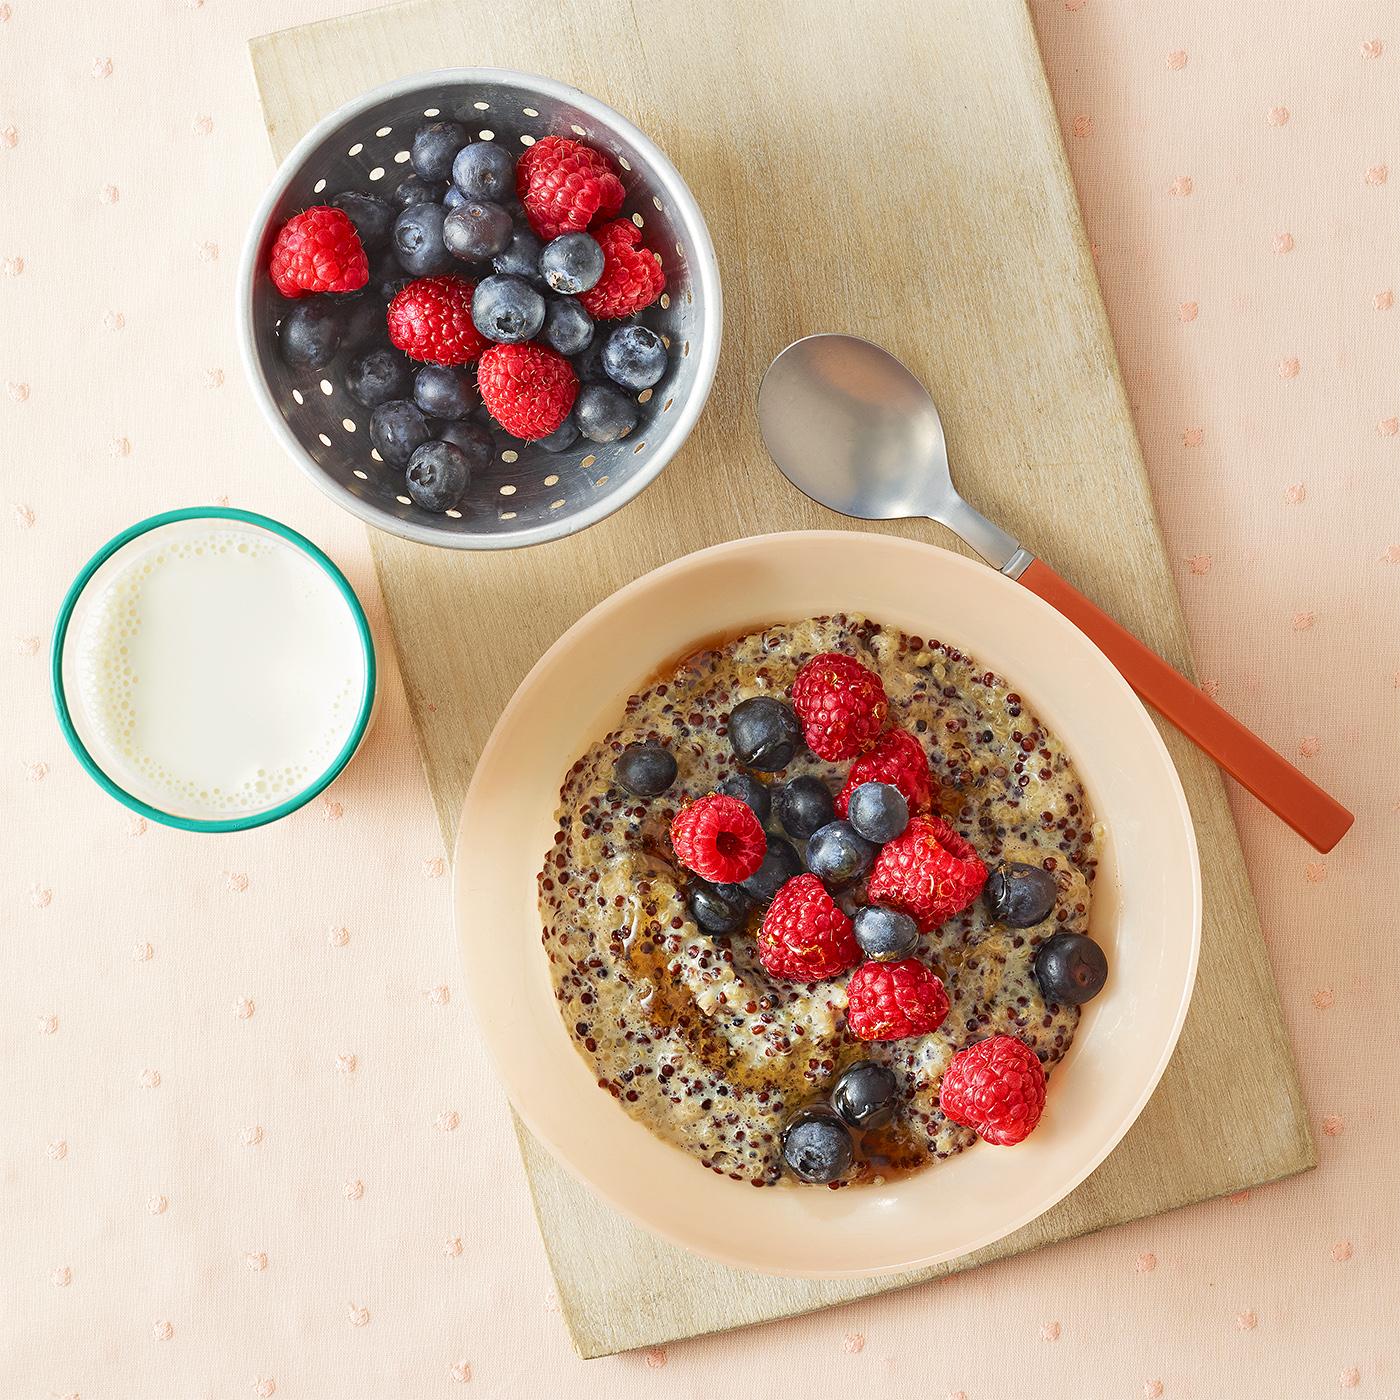 Quinoa & Berry Bowl